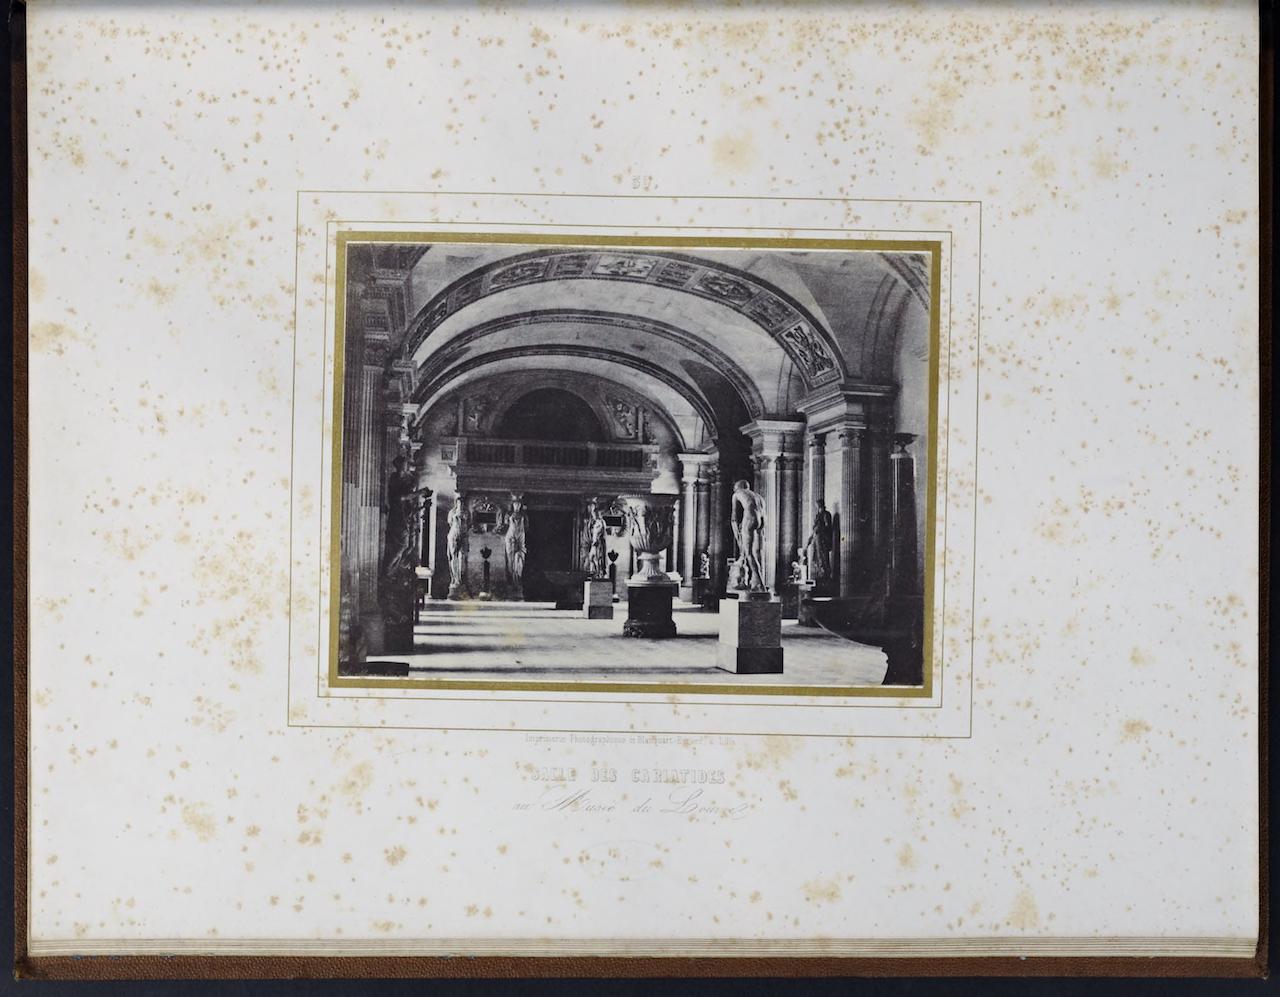 """Louis Désiré Blanquart-Evrard, """"Salle des Cariatides au Musée du Louvre"""" from """"Album photographique de l'artiste et de l'amateur"""" (1851)"""